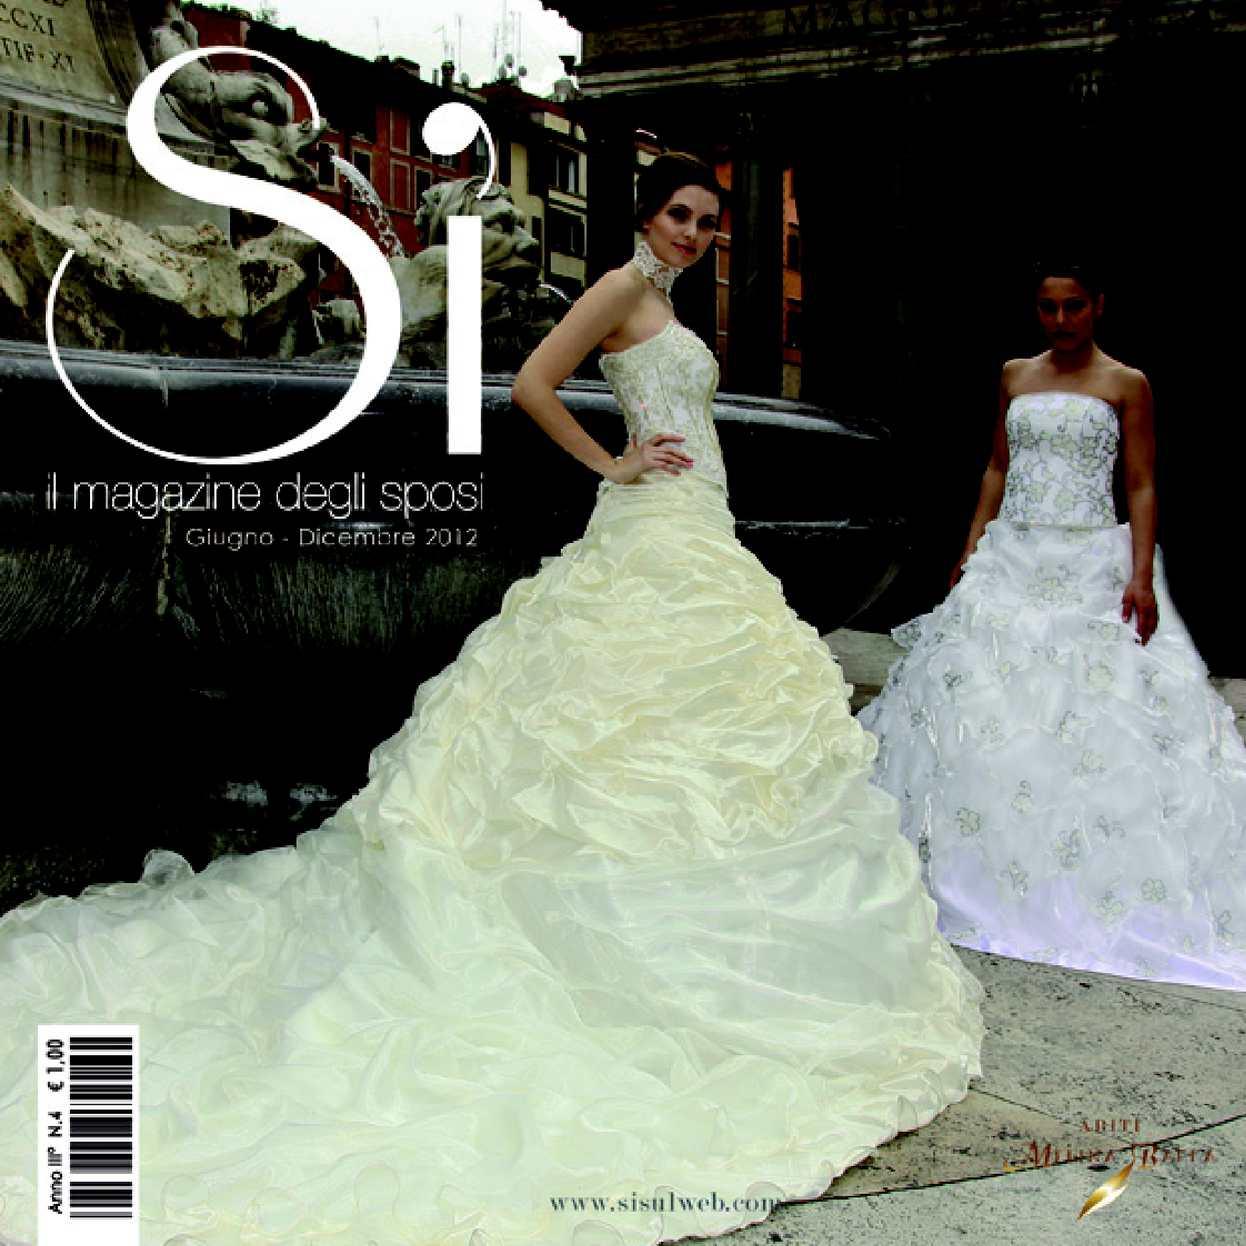 Giugno 2012 Sposi Il ed Sì Degli Magazine Calaméo shQBtdxrC